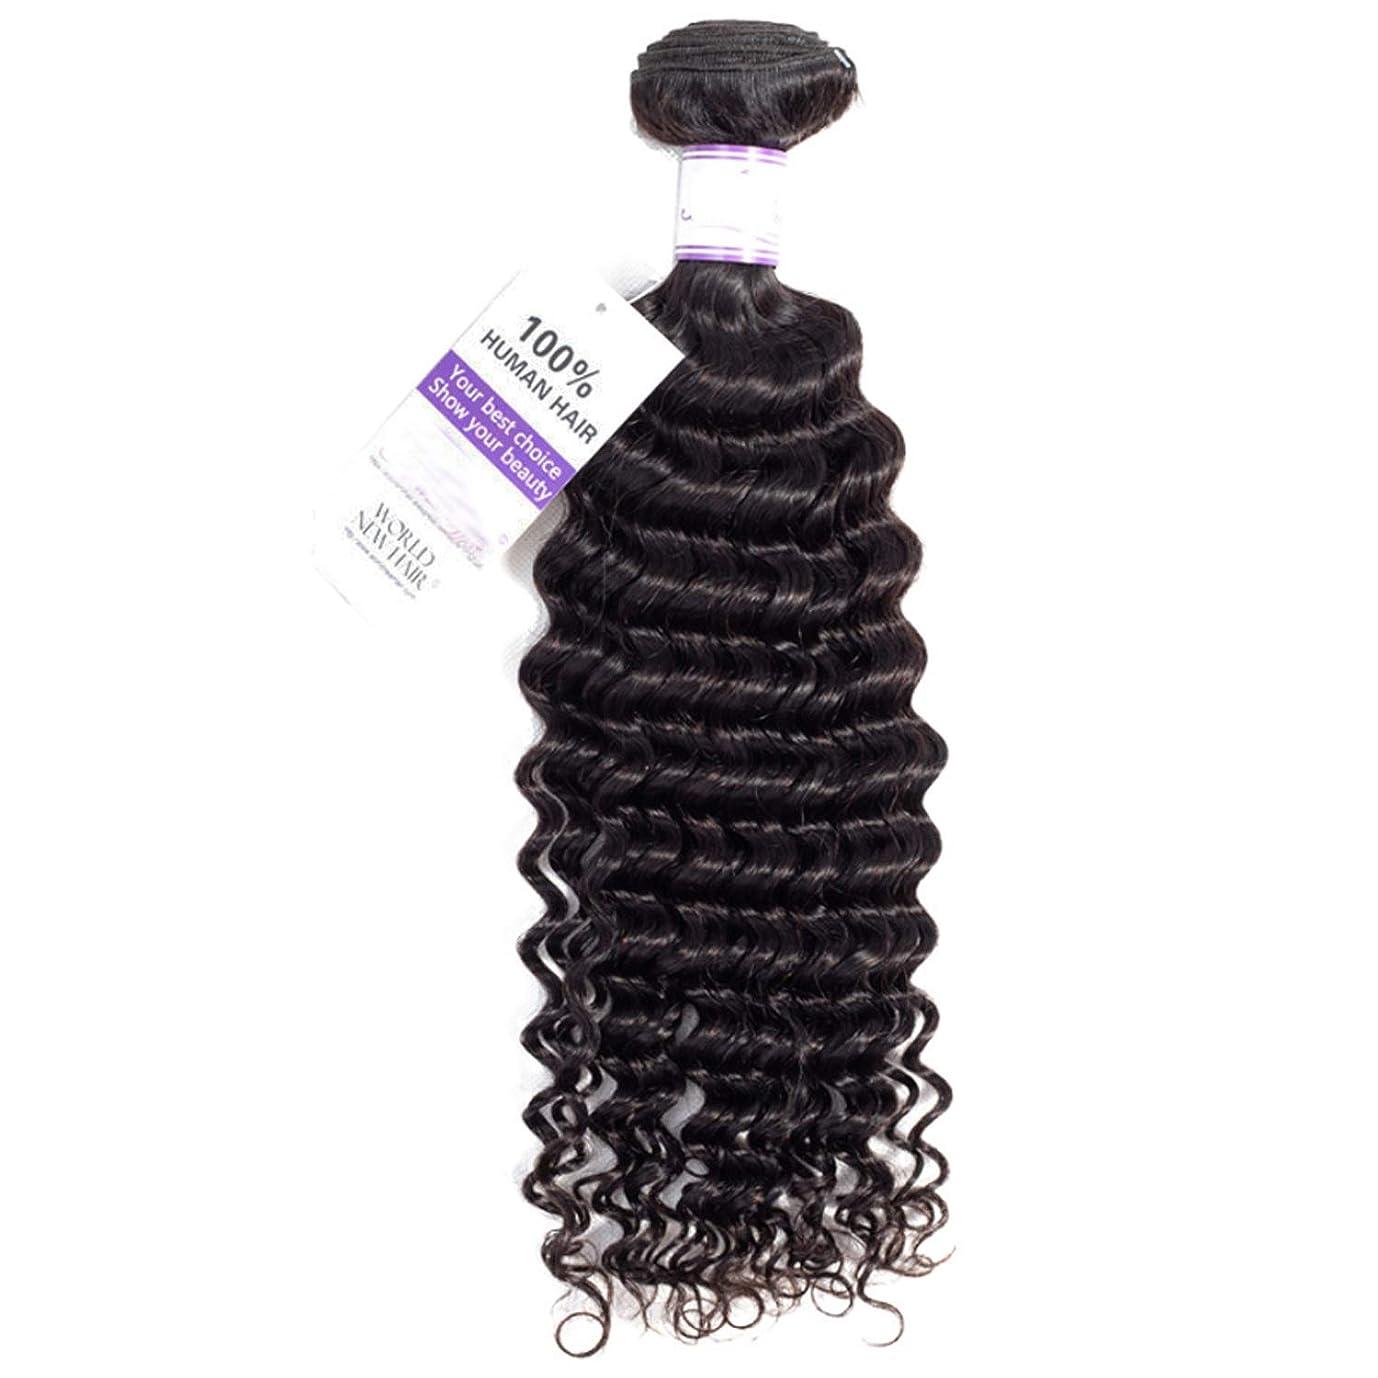 ベリ植木道を作るブラジルのディープウェーブヘア織りバンドル100%人毛織りナチュラルカラー非レミー髪1本 かつら (Stretched Length : 12inches)